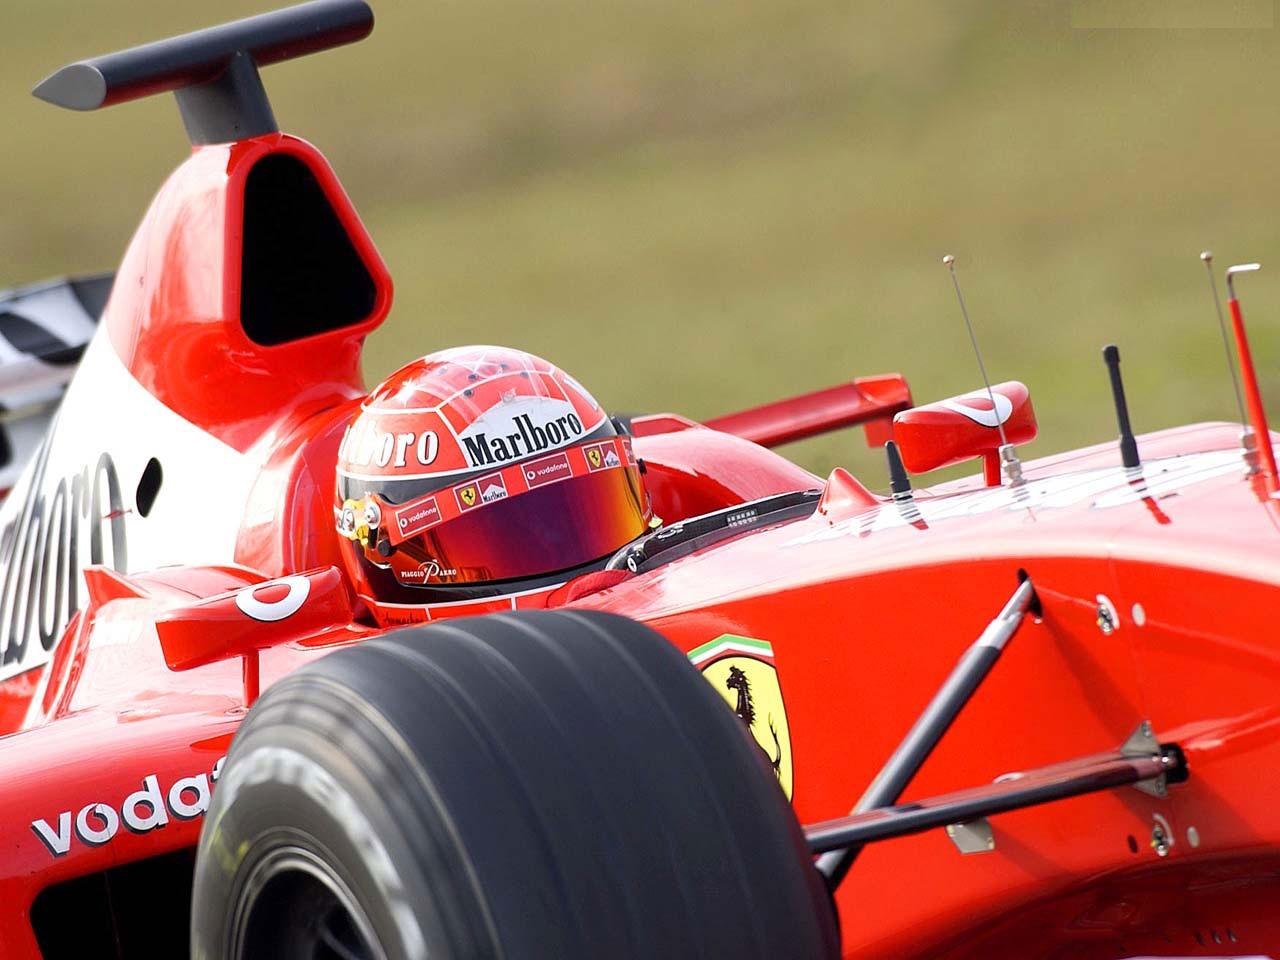 http://1.bp.blogspot.com/-CMcYi7BgCtQ/TcaVxzI5BQI/AAAAAAAAAPY/FiAGGsV2lss/s1600/Ferrari-F2002-1280.jpg